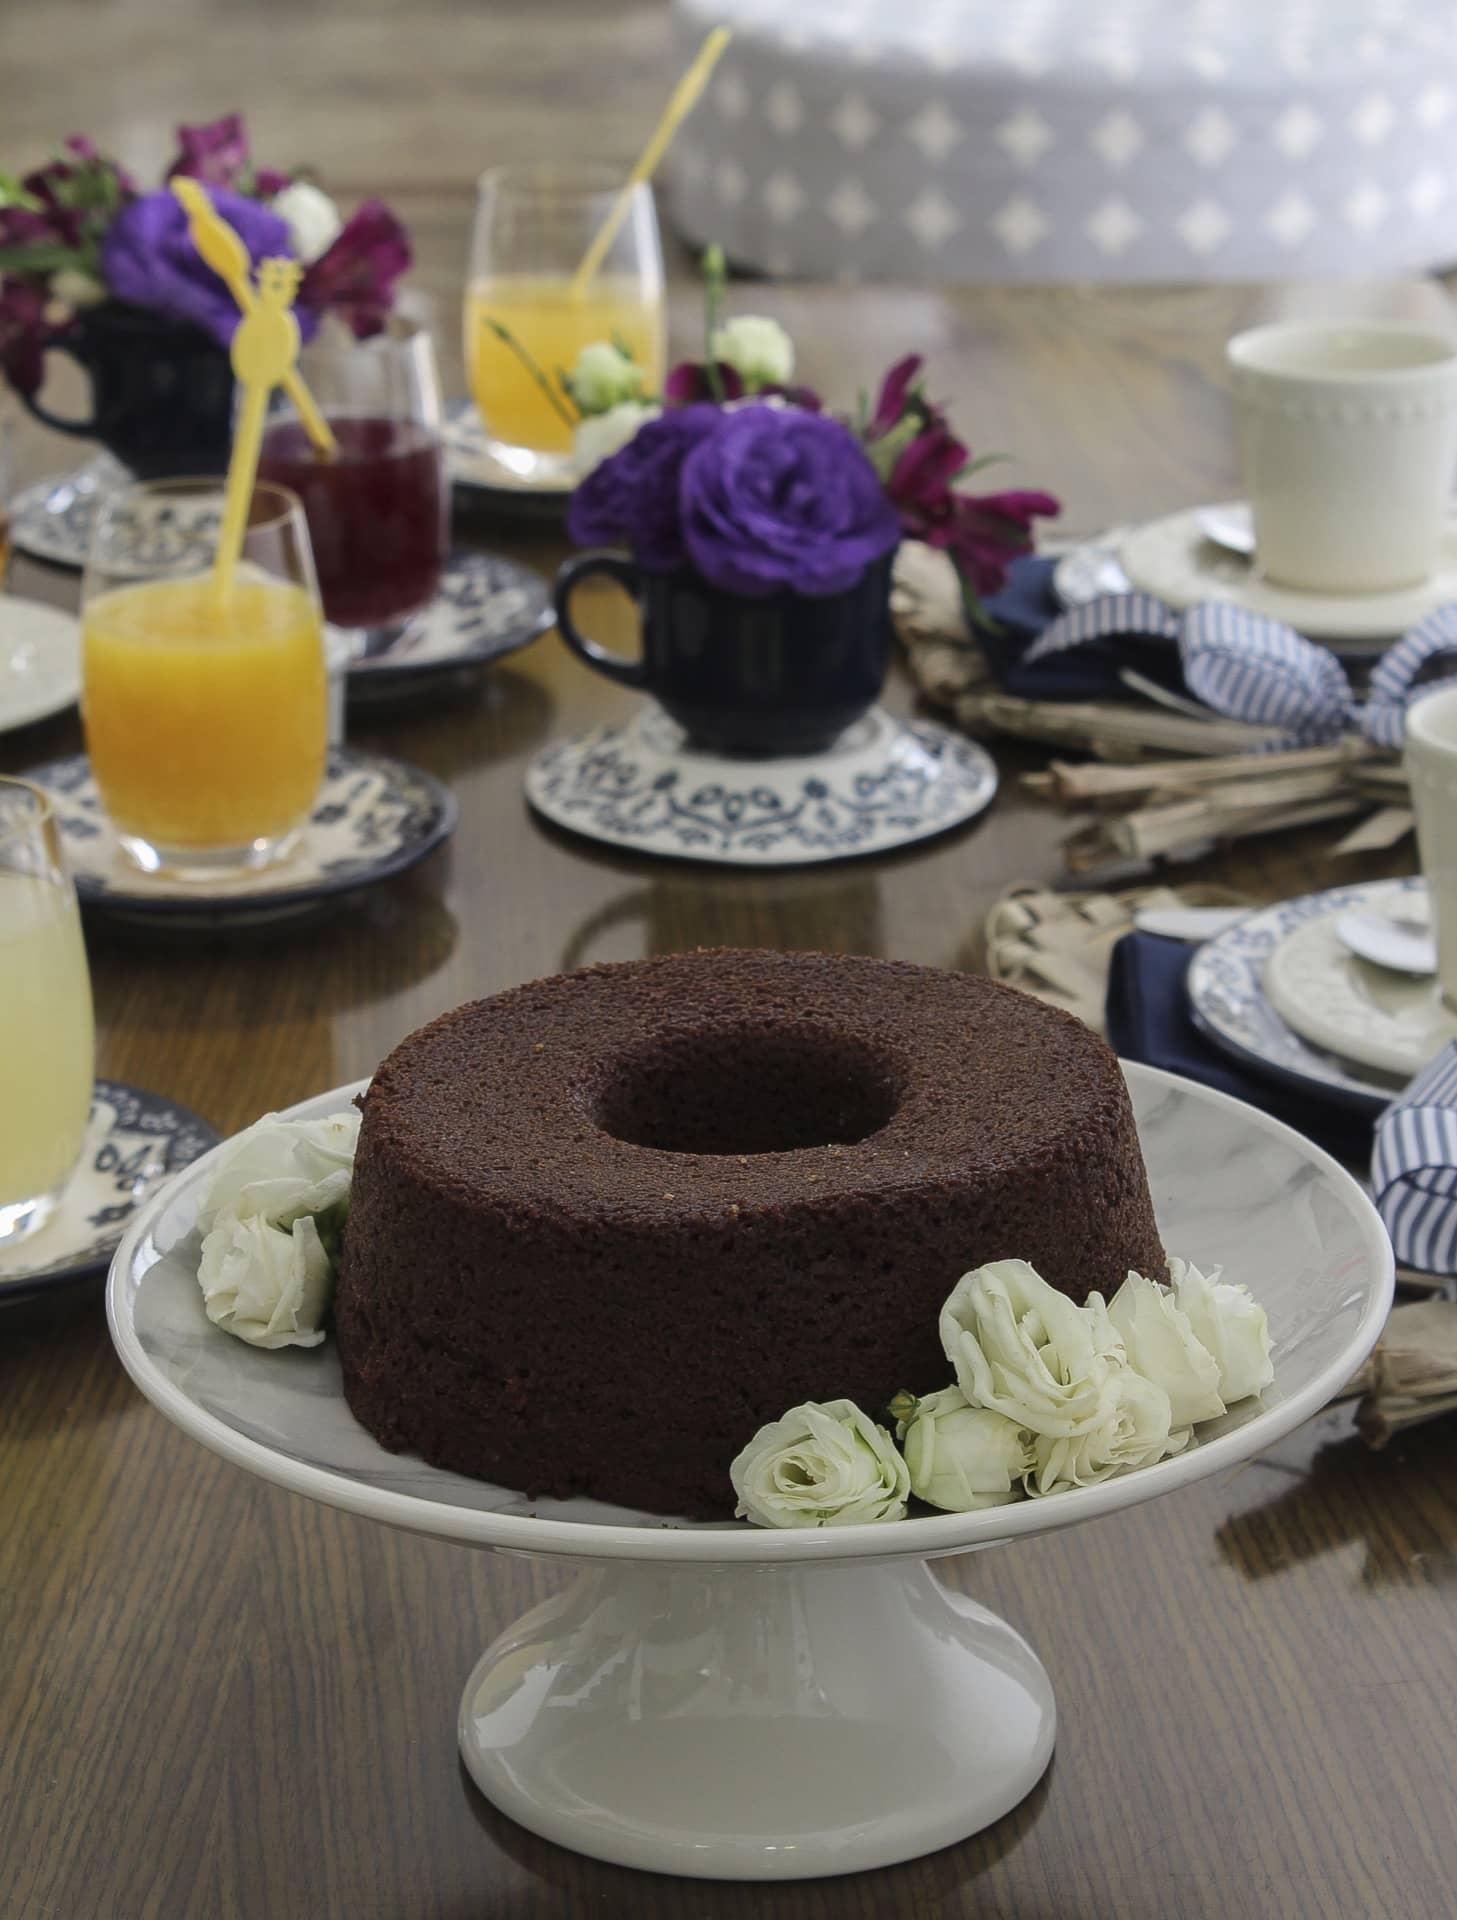 Imagem: O bolo simples ganha graça com flores em volta. Lave-as bem antes de usar, e lembre-se que é apenas um enfeite, não são comestíveis. Prato de bolo Coup Mármore, com estampa de mármore, da Oxford Daily.